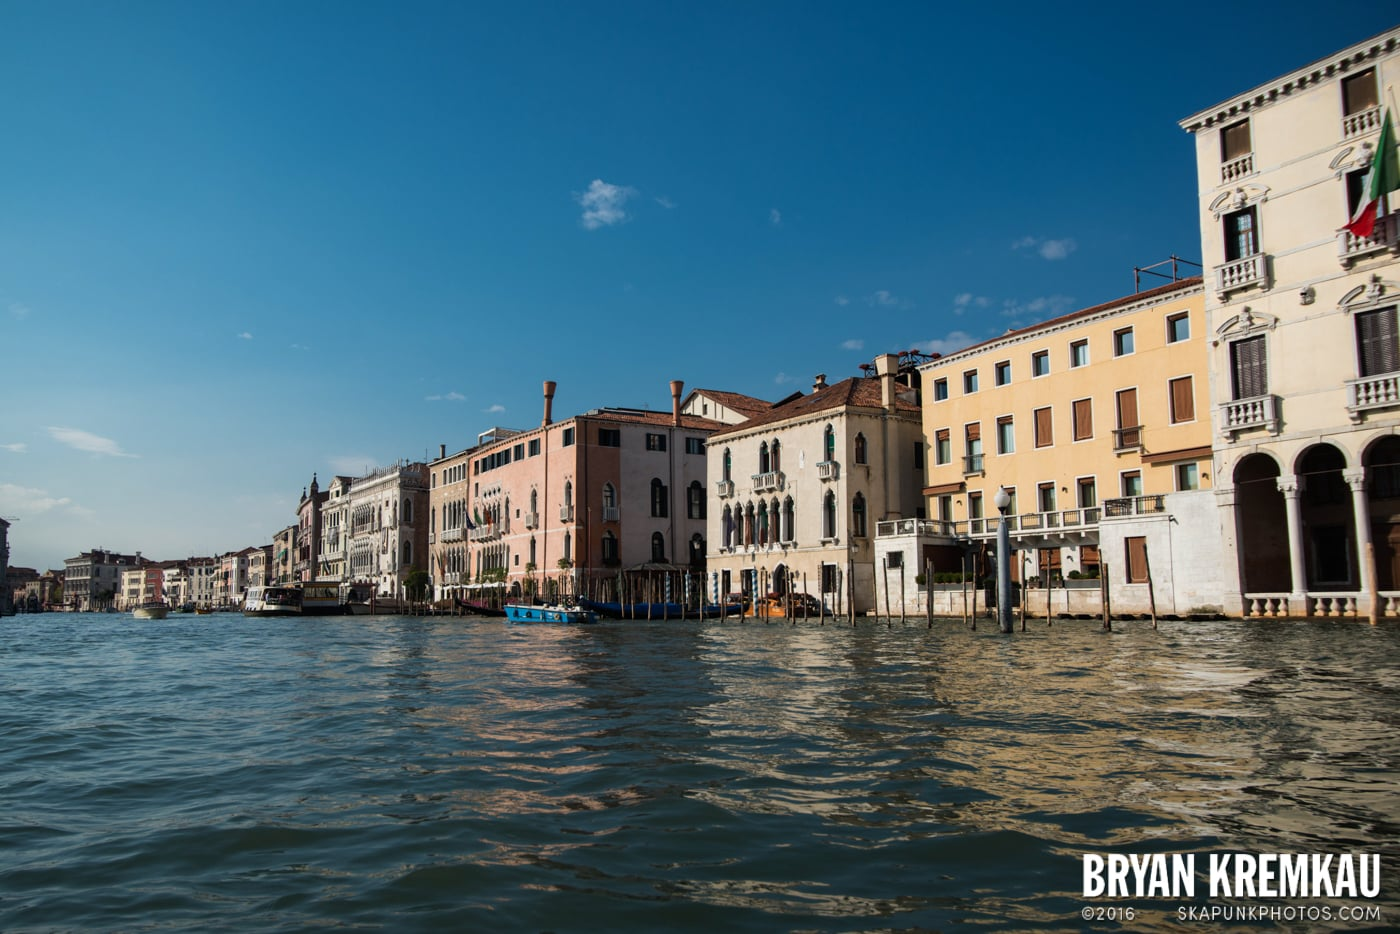 Italy Vacation - Day 5: Venice - 9.13.13 (25)